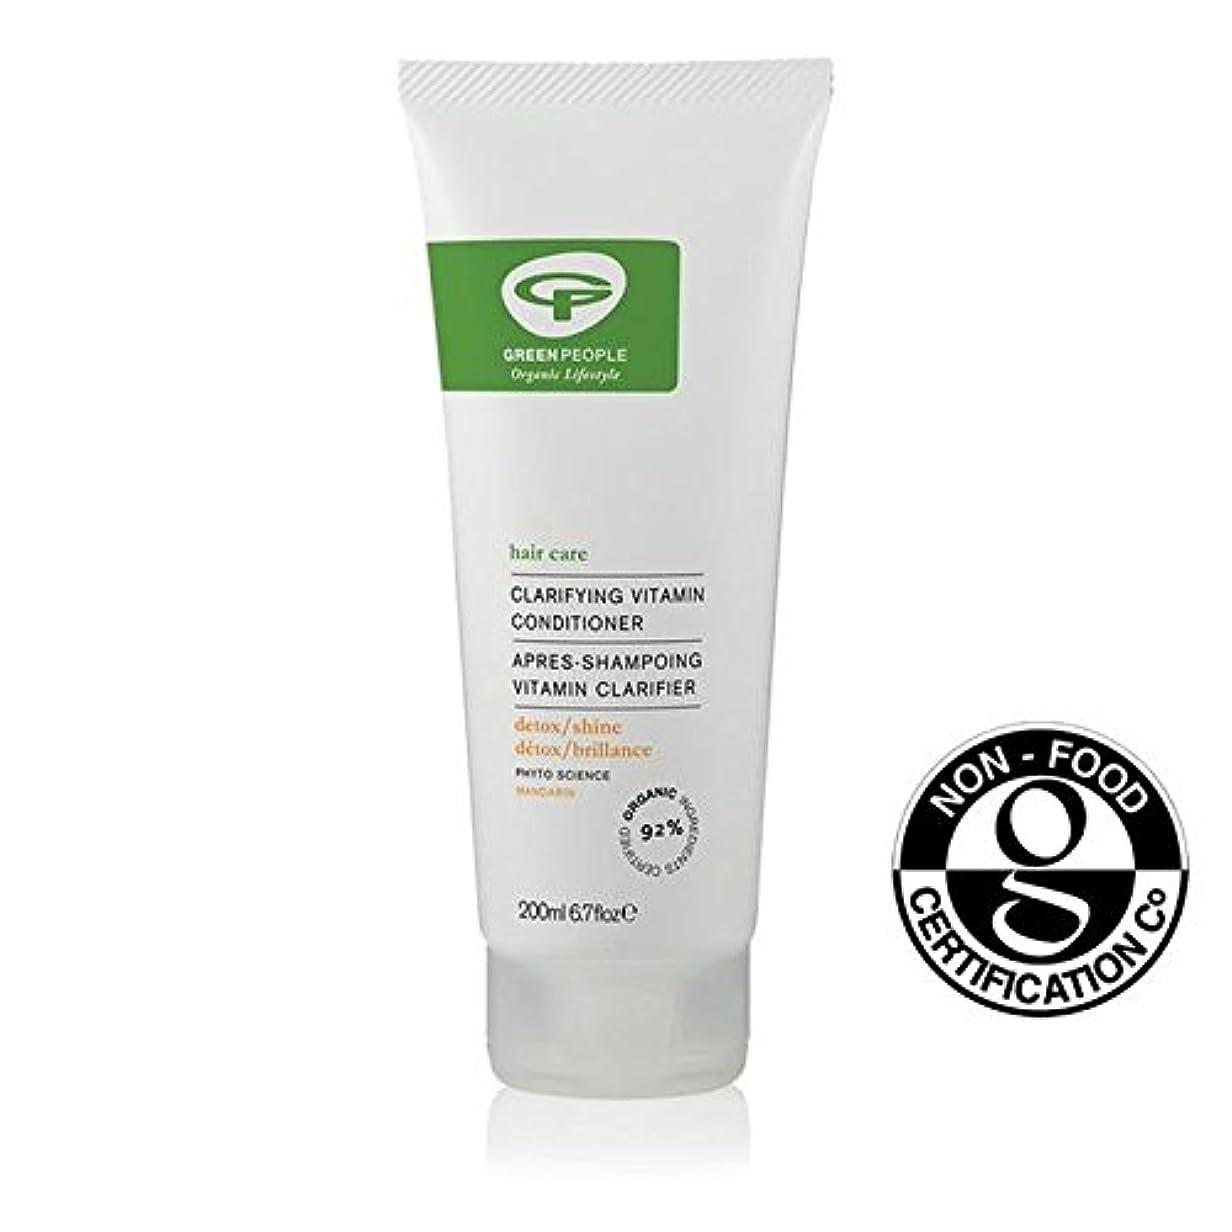 緑の人々の有機明確ビタミンコンディショナー200 x4 - Green People Organic Clarifying Vitamin Conditioner 200ml (Pack of 4) [並行輸入品]